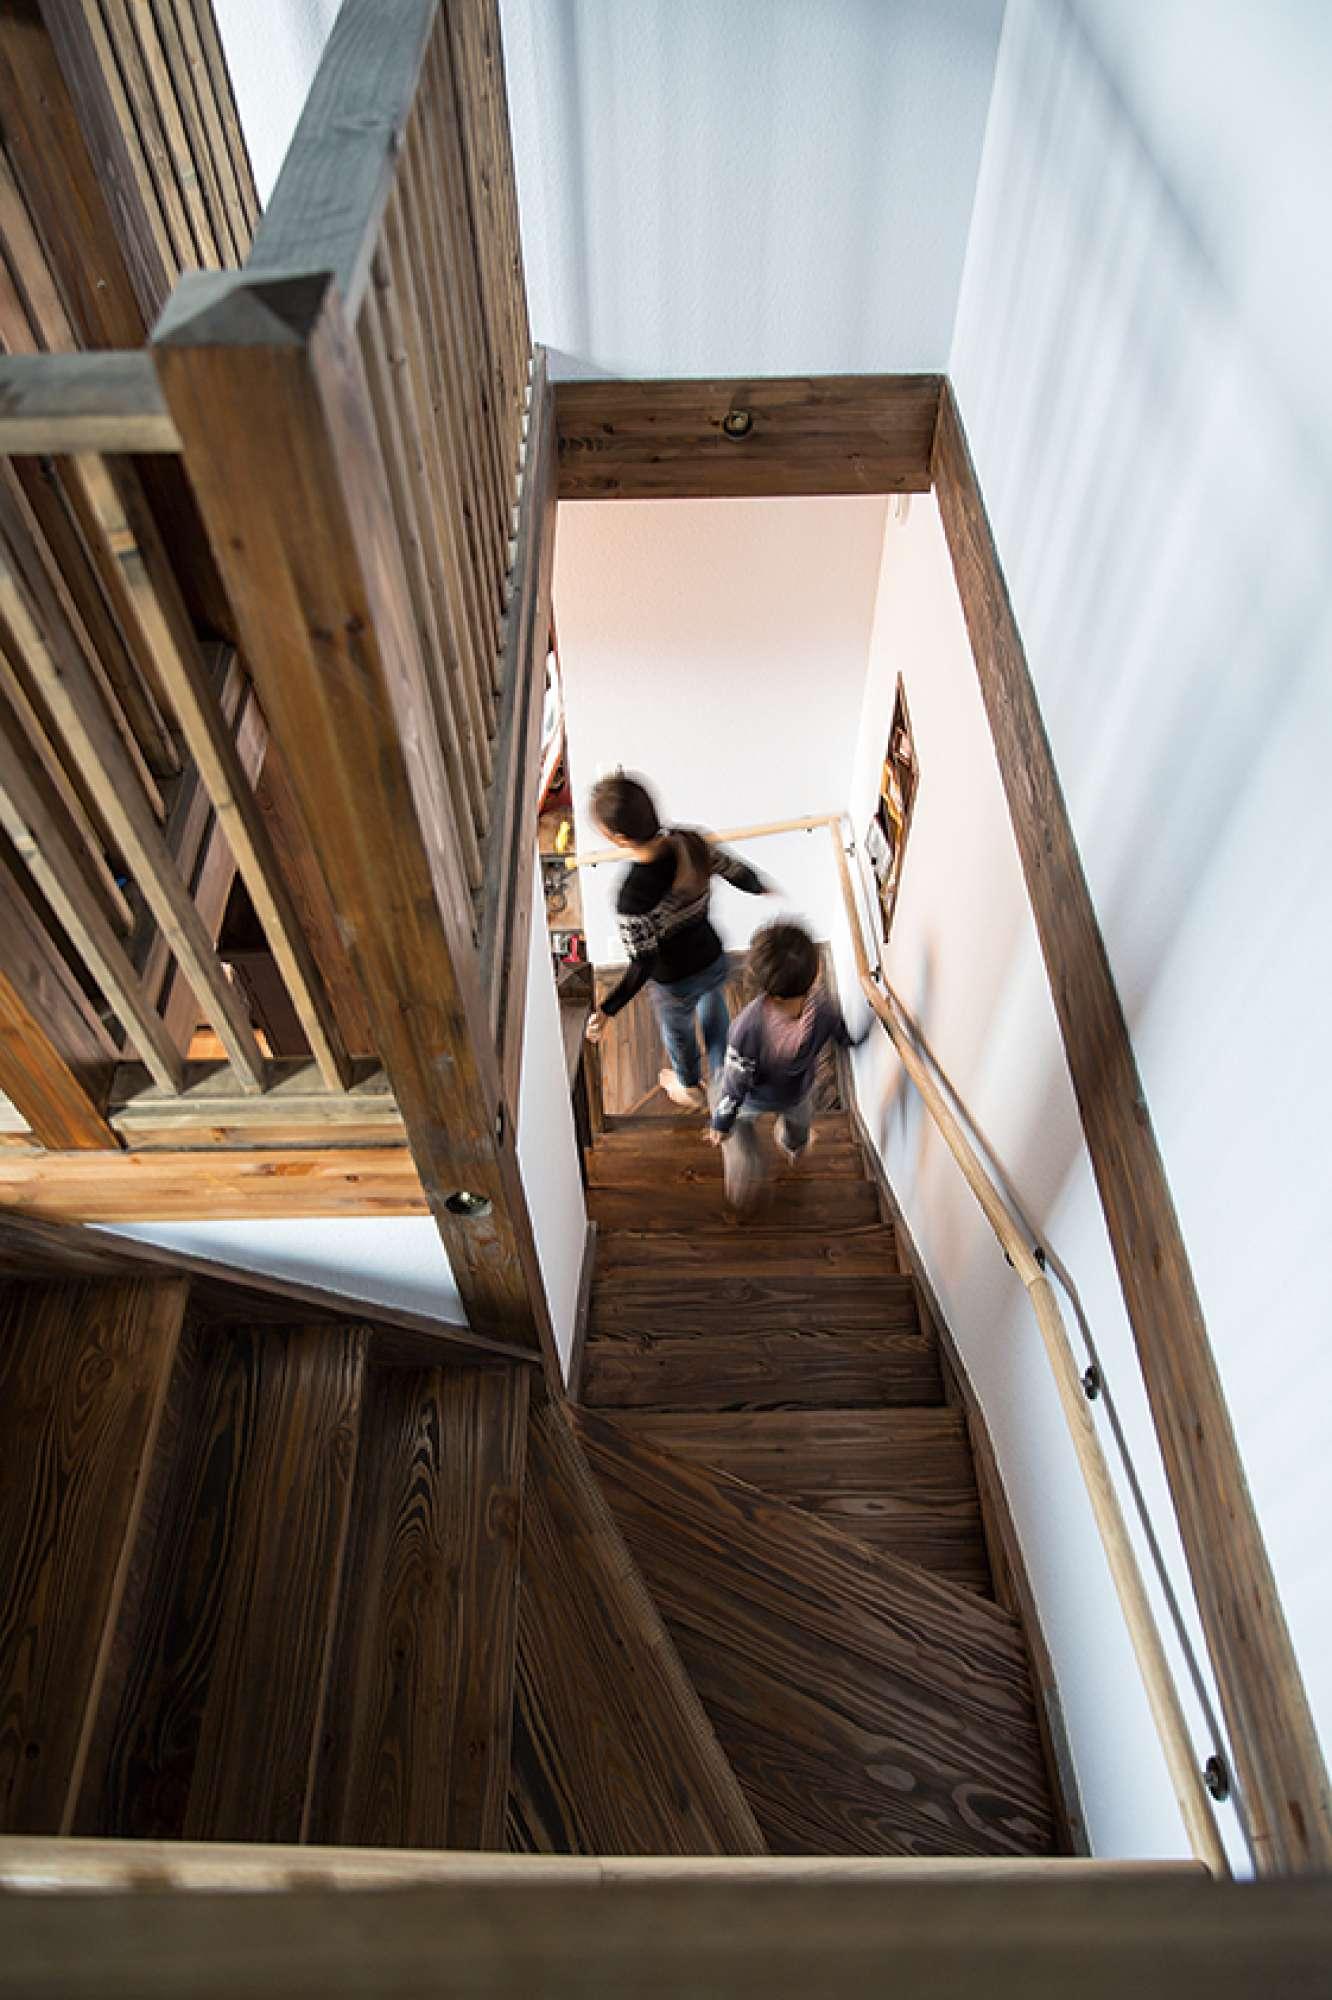 上りやすいと来客から好評の階段。子どもたちが元気に行き来する -  -  -